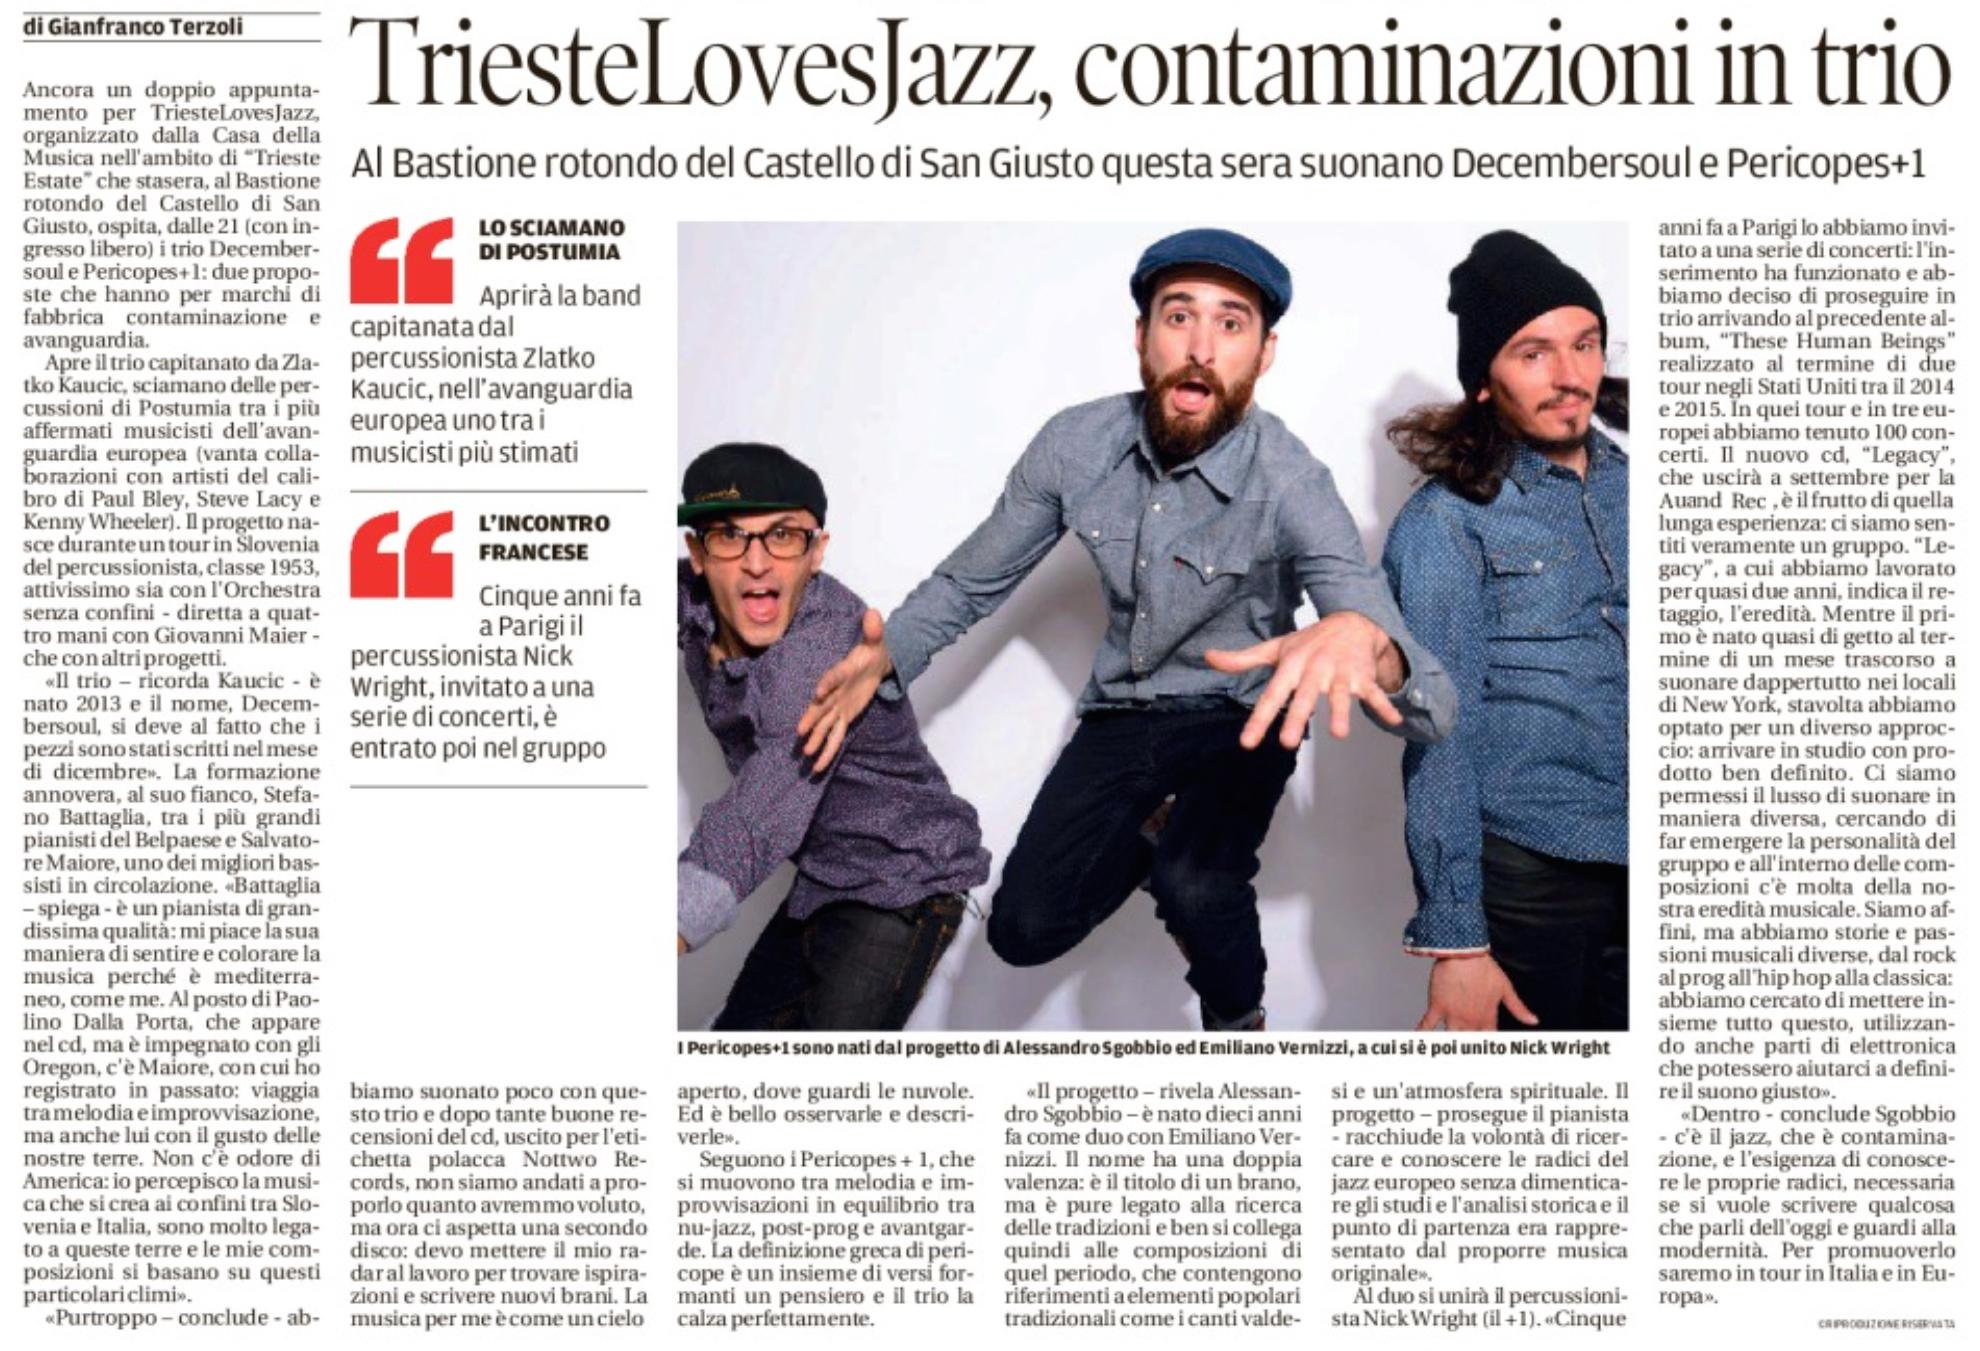 2017-07-23 - Il Piccolo Trieste